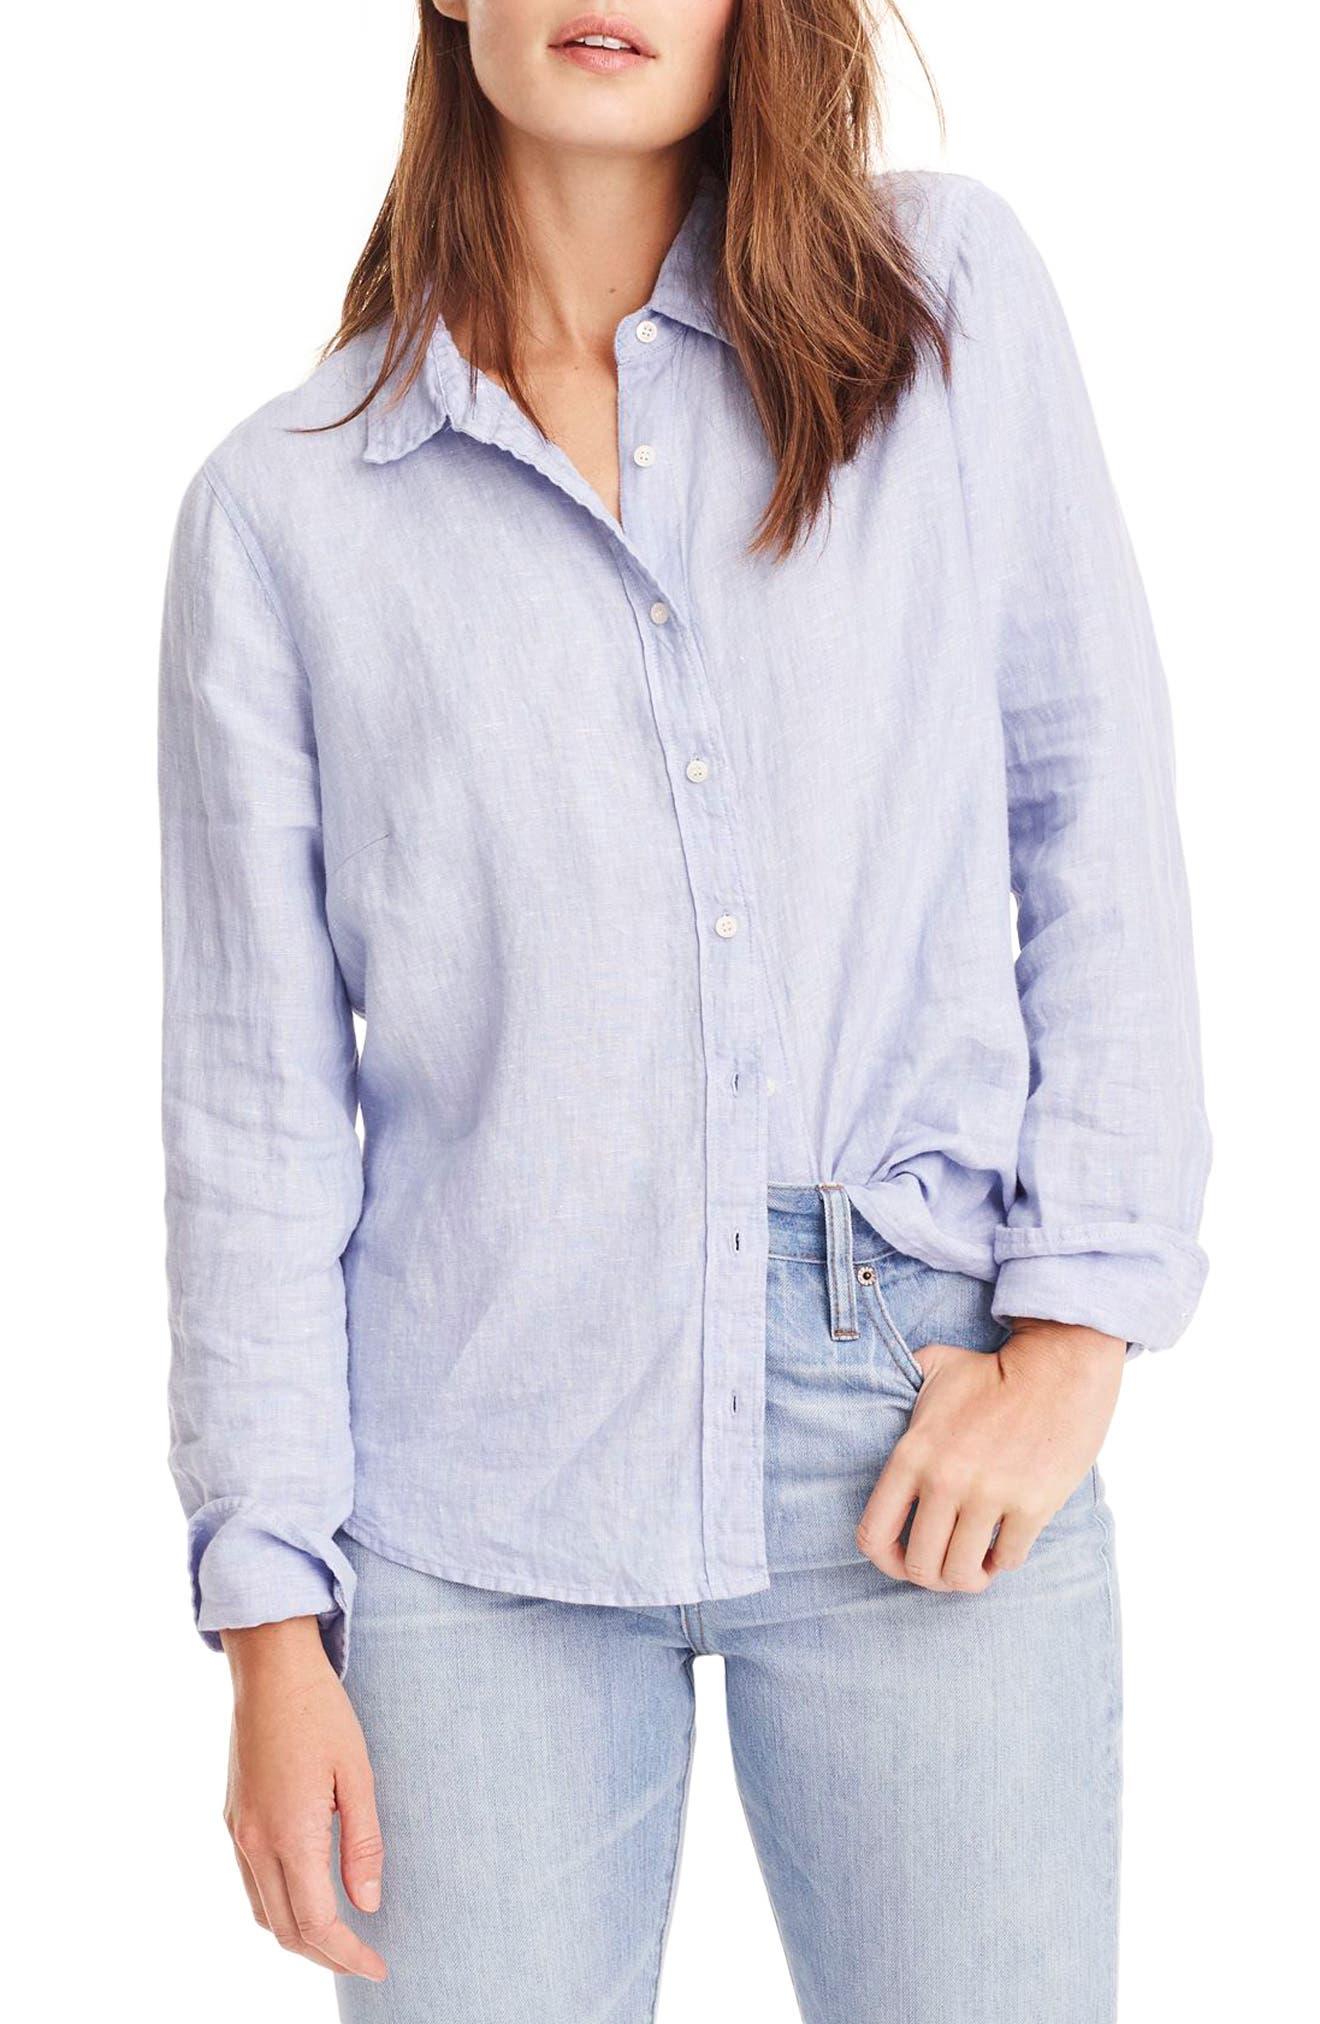 classic linen shirt C1456 womens linen shirt white linen shirt classic collar shirt linen shirt Slim perfect shirt in linen